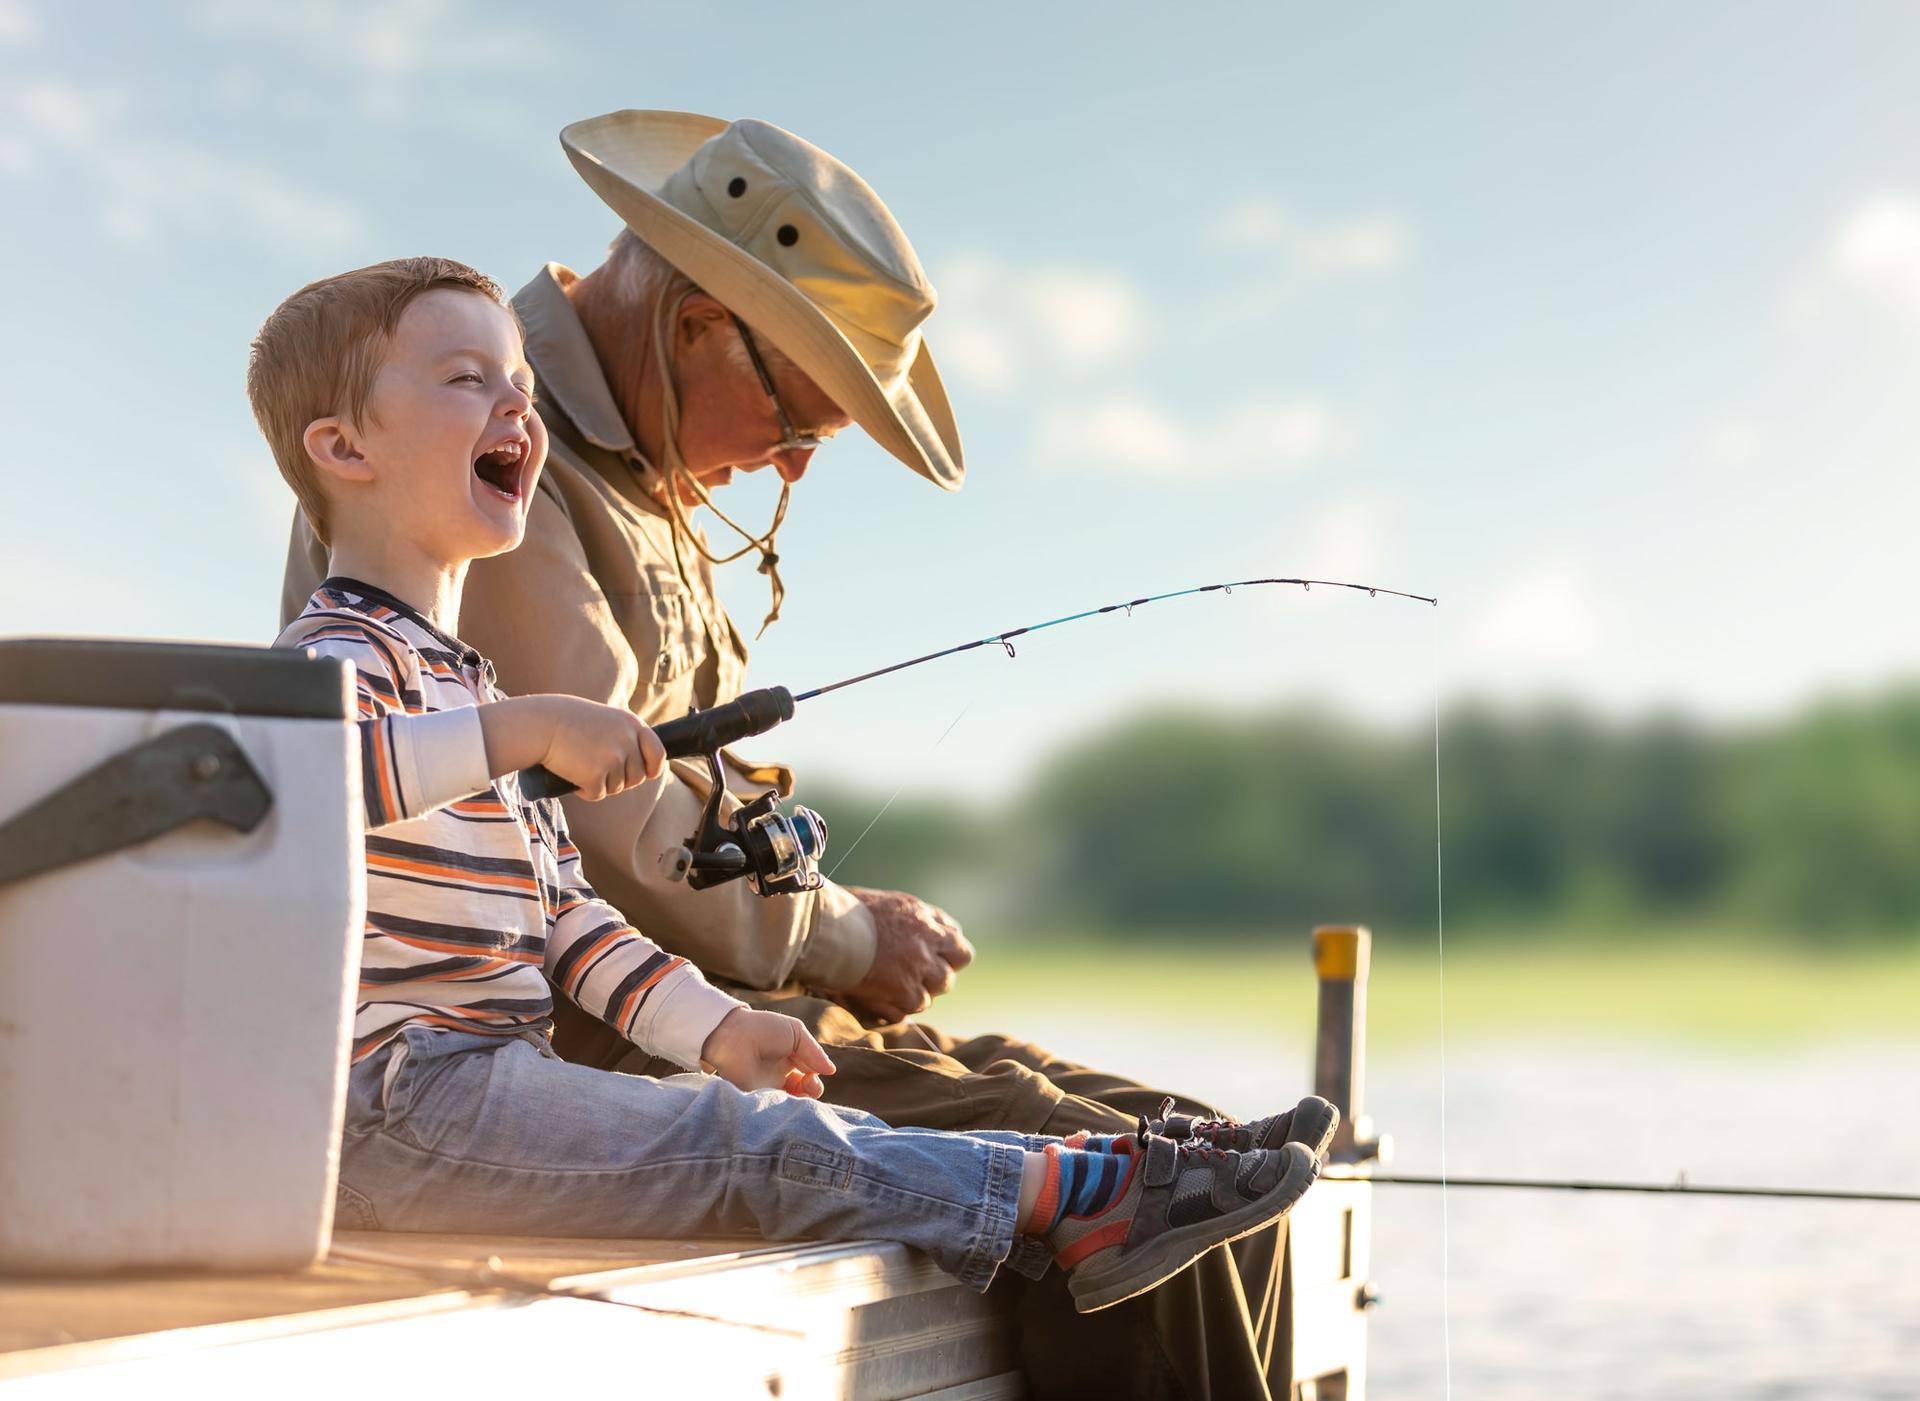 AH_fishing2-FFBF.jpg